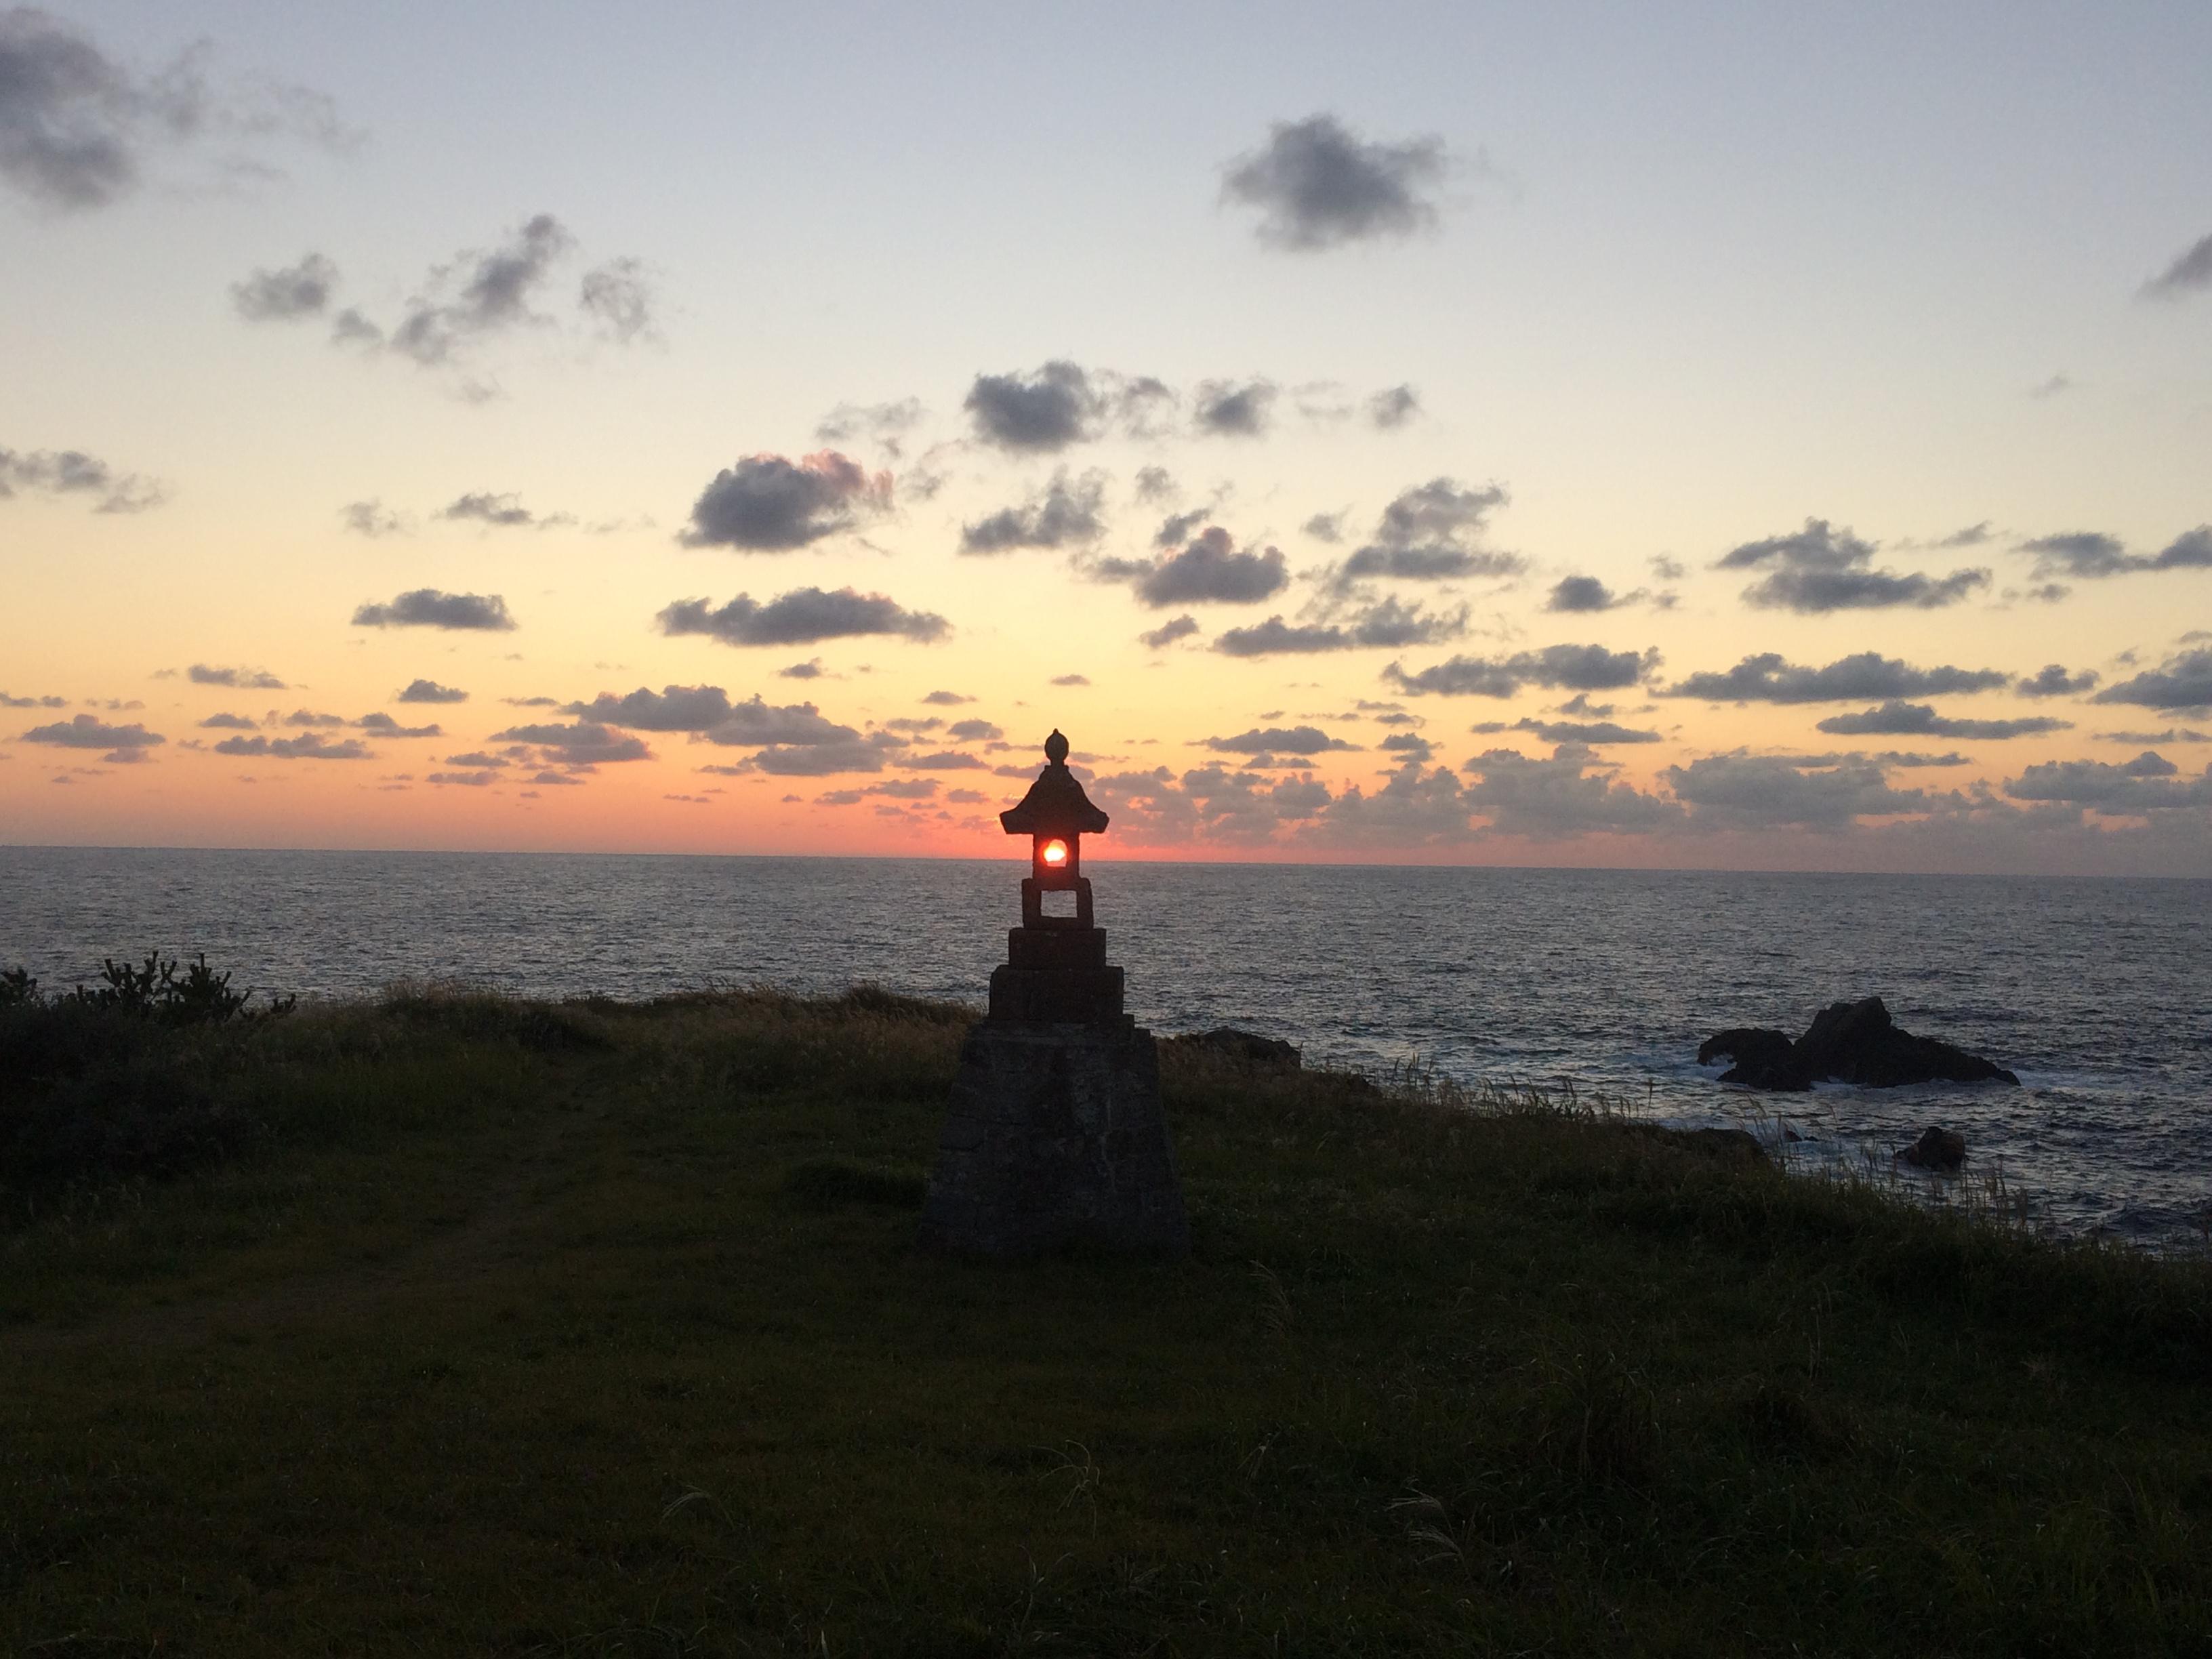 佐渡島ツーリング日記(3) 二つ亀、大野亀、姫津大橋、佐渡金山、そして日本海に沈む夕陽